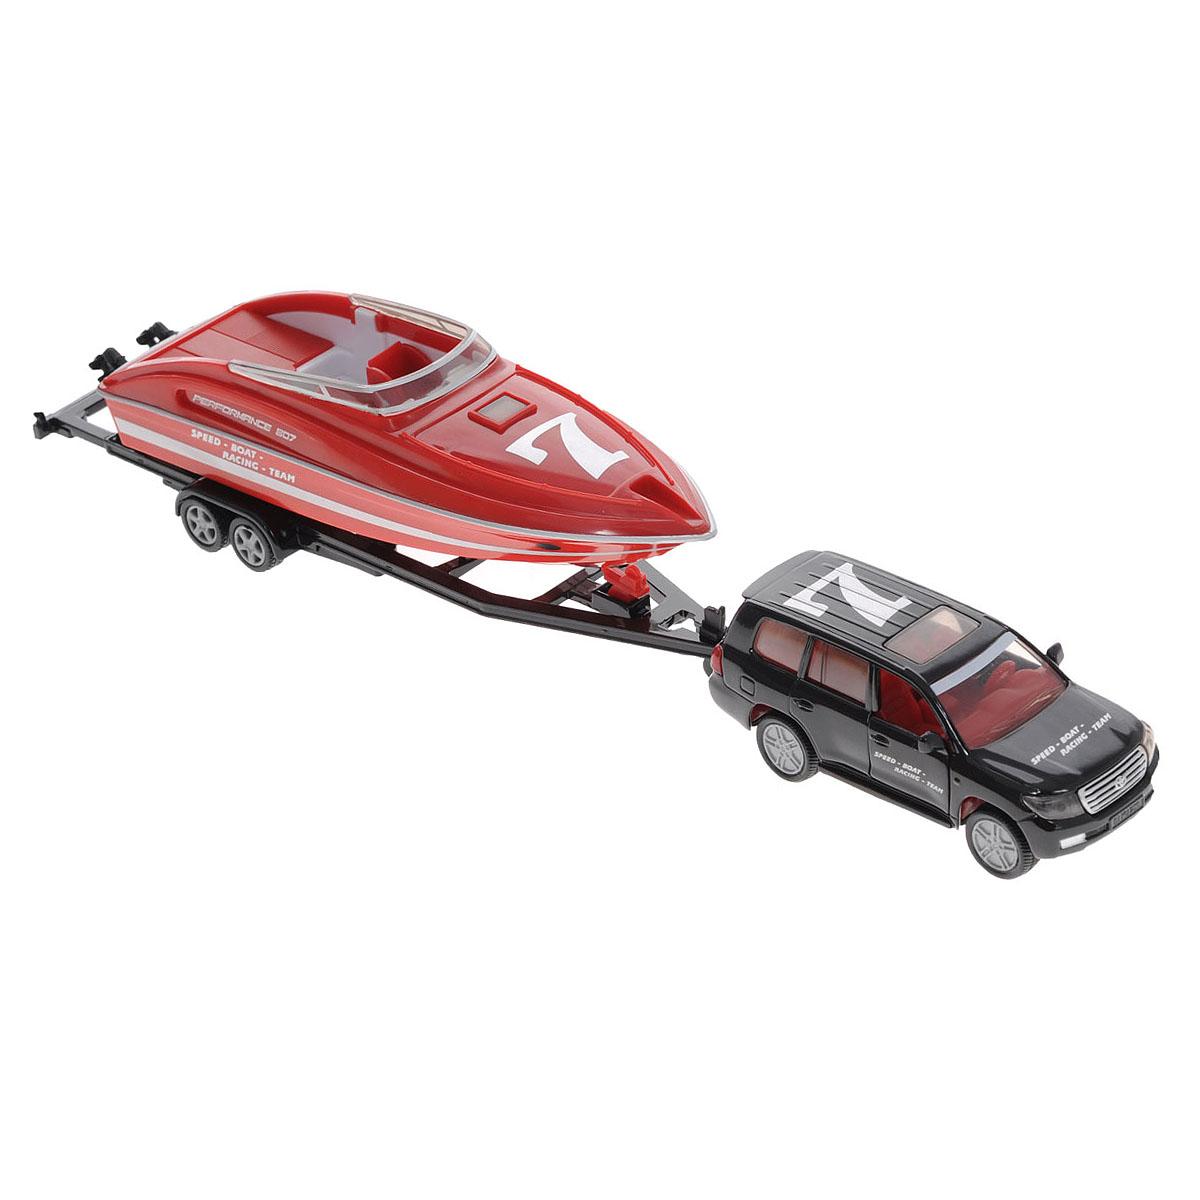 Siku Модель автомобиля Audi Q7 с катером тягач siku с катером на прицепе 1 87 красный 1613